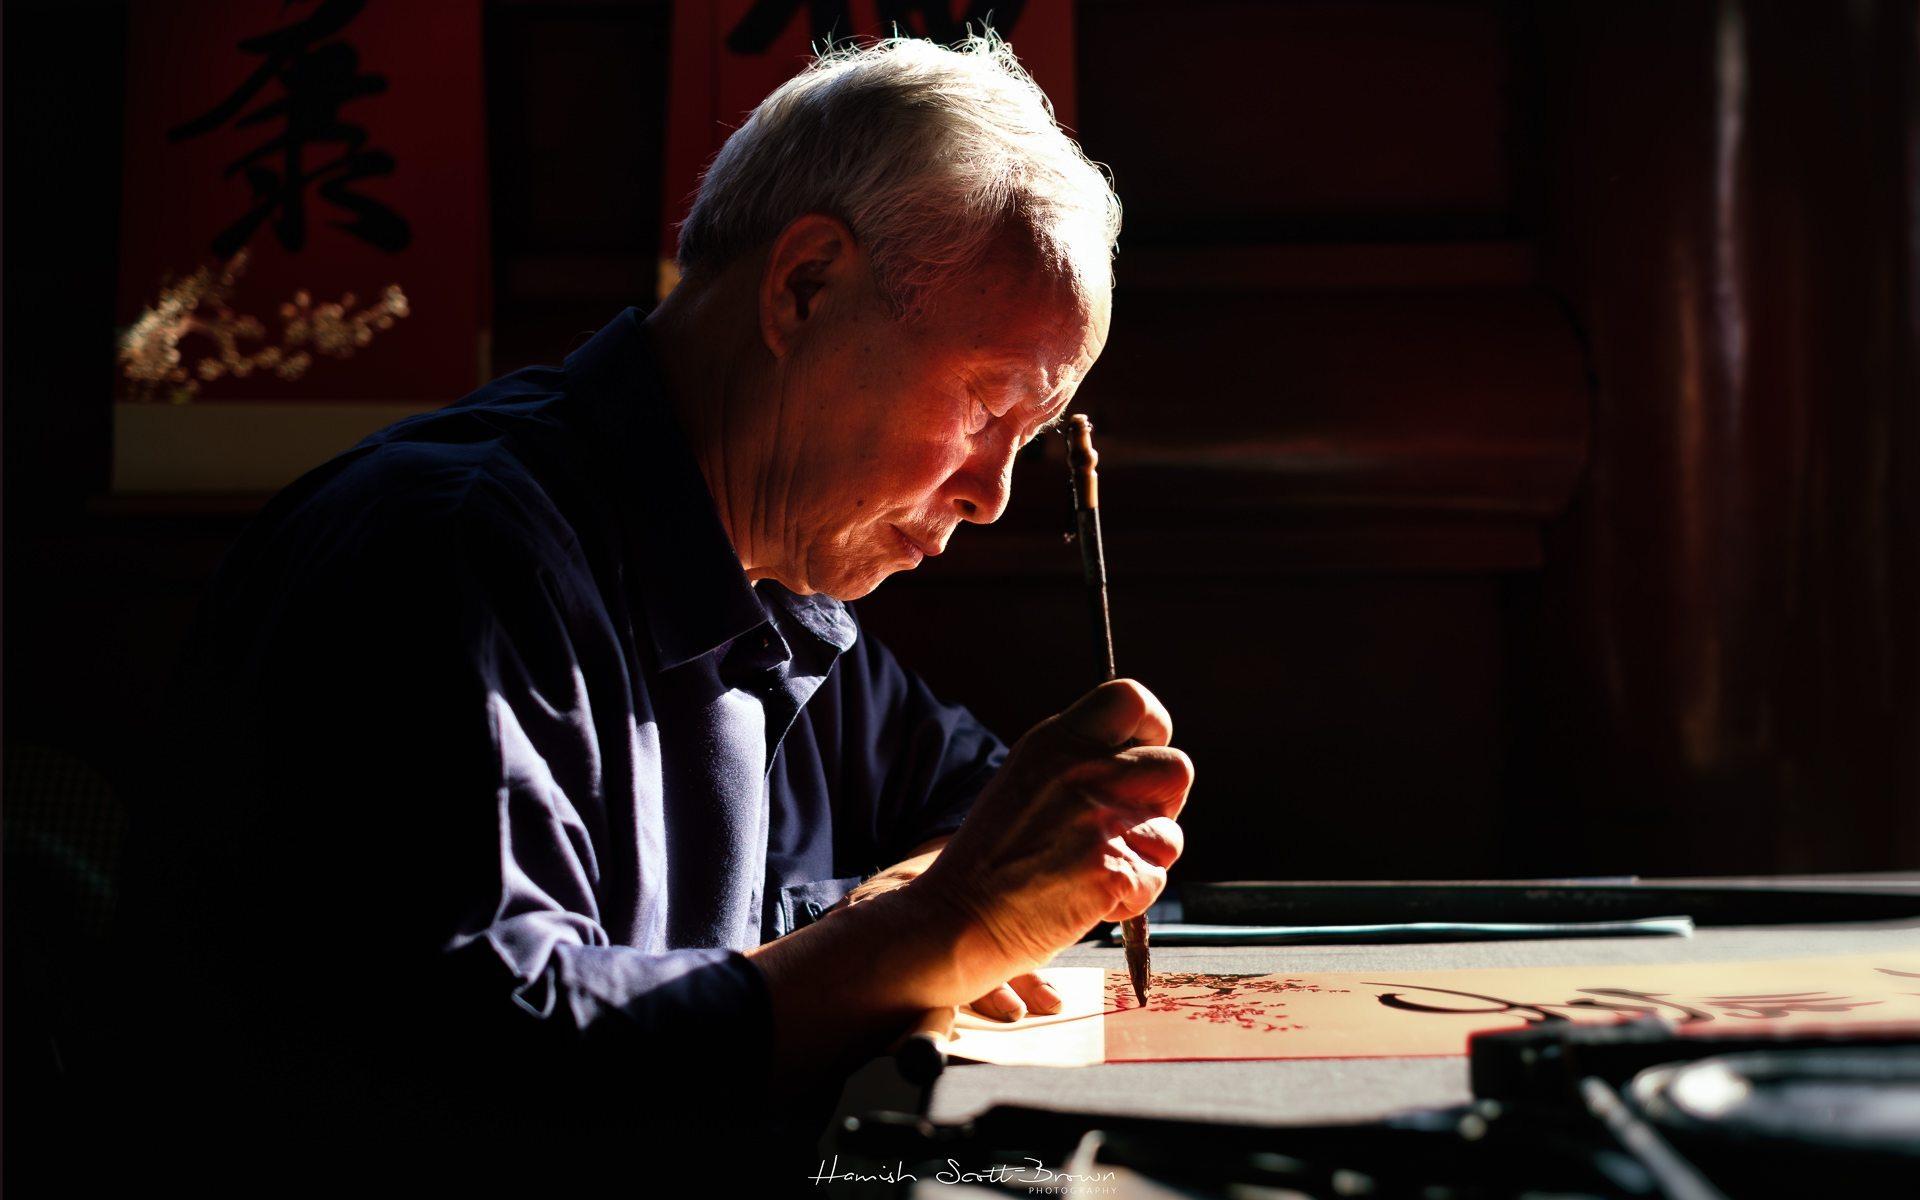 chinese calligrapher in Hanoi ©Hamish Scott-Brown